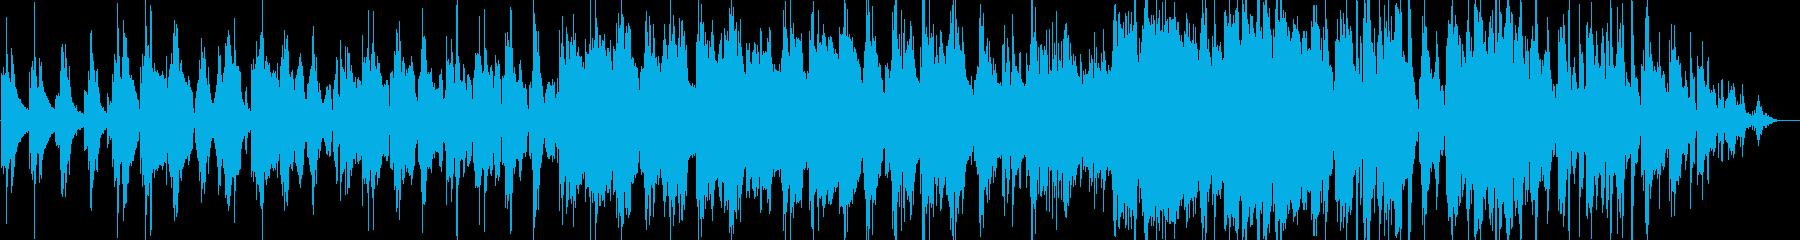 女性ボーカルのポップ/オルタナティ...の再生済みの波形